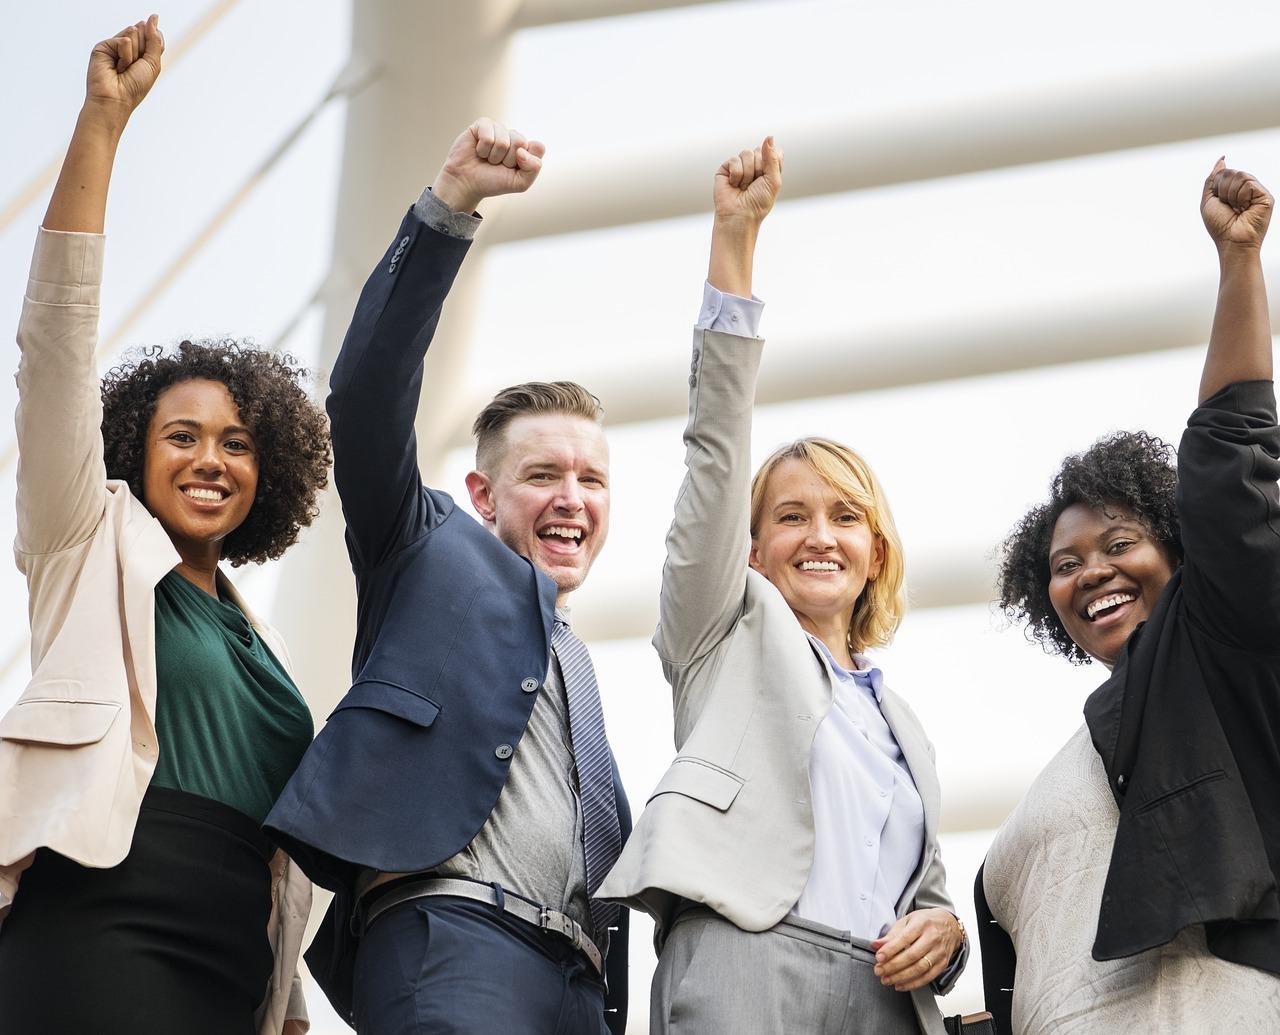 happy employees